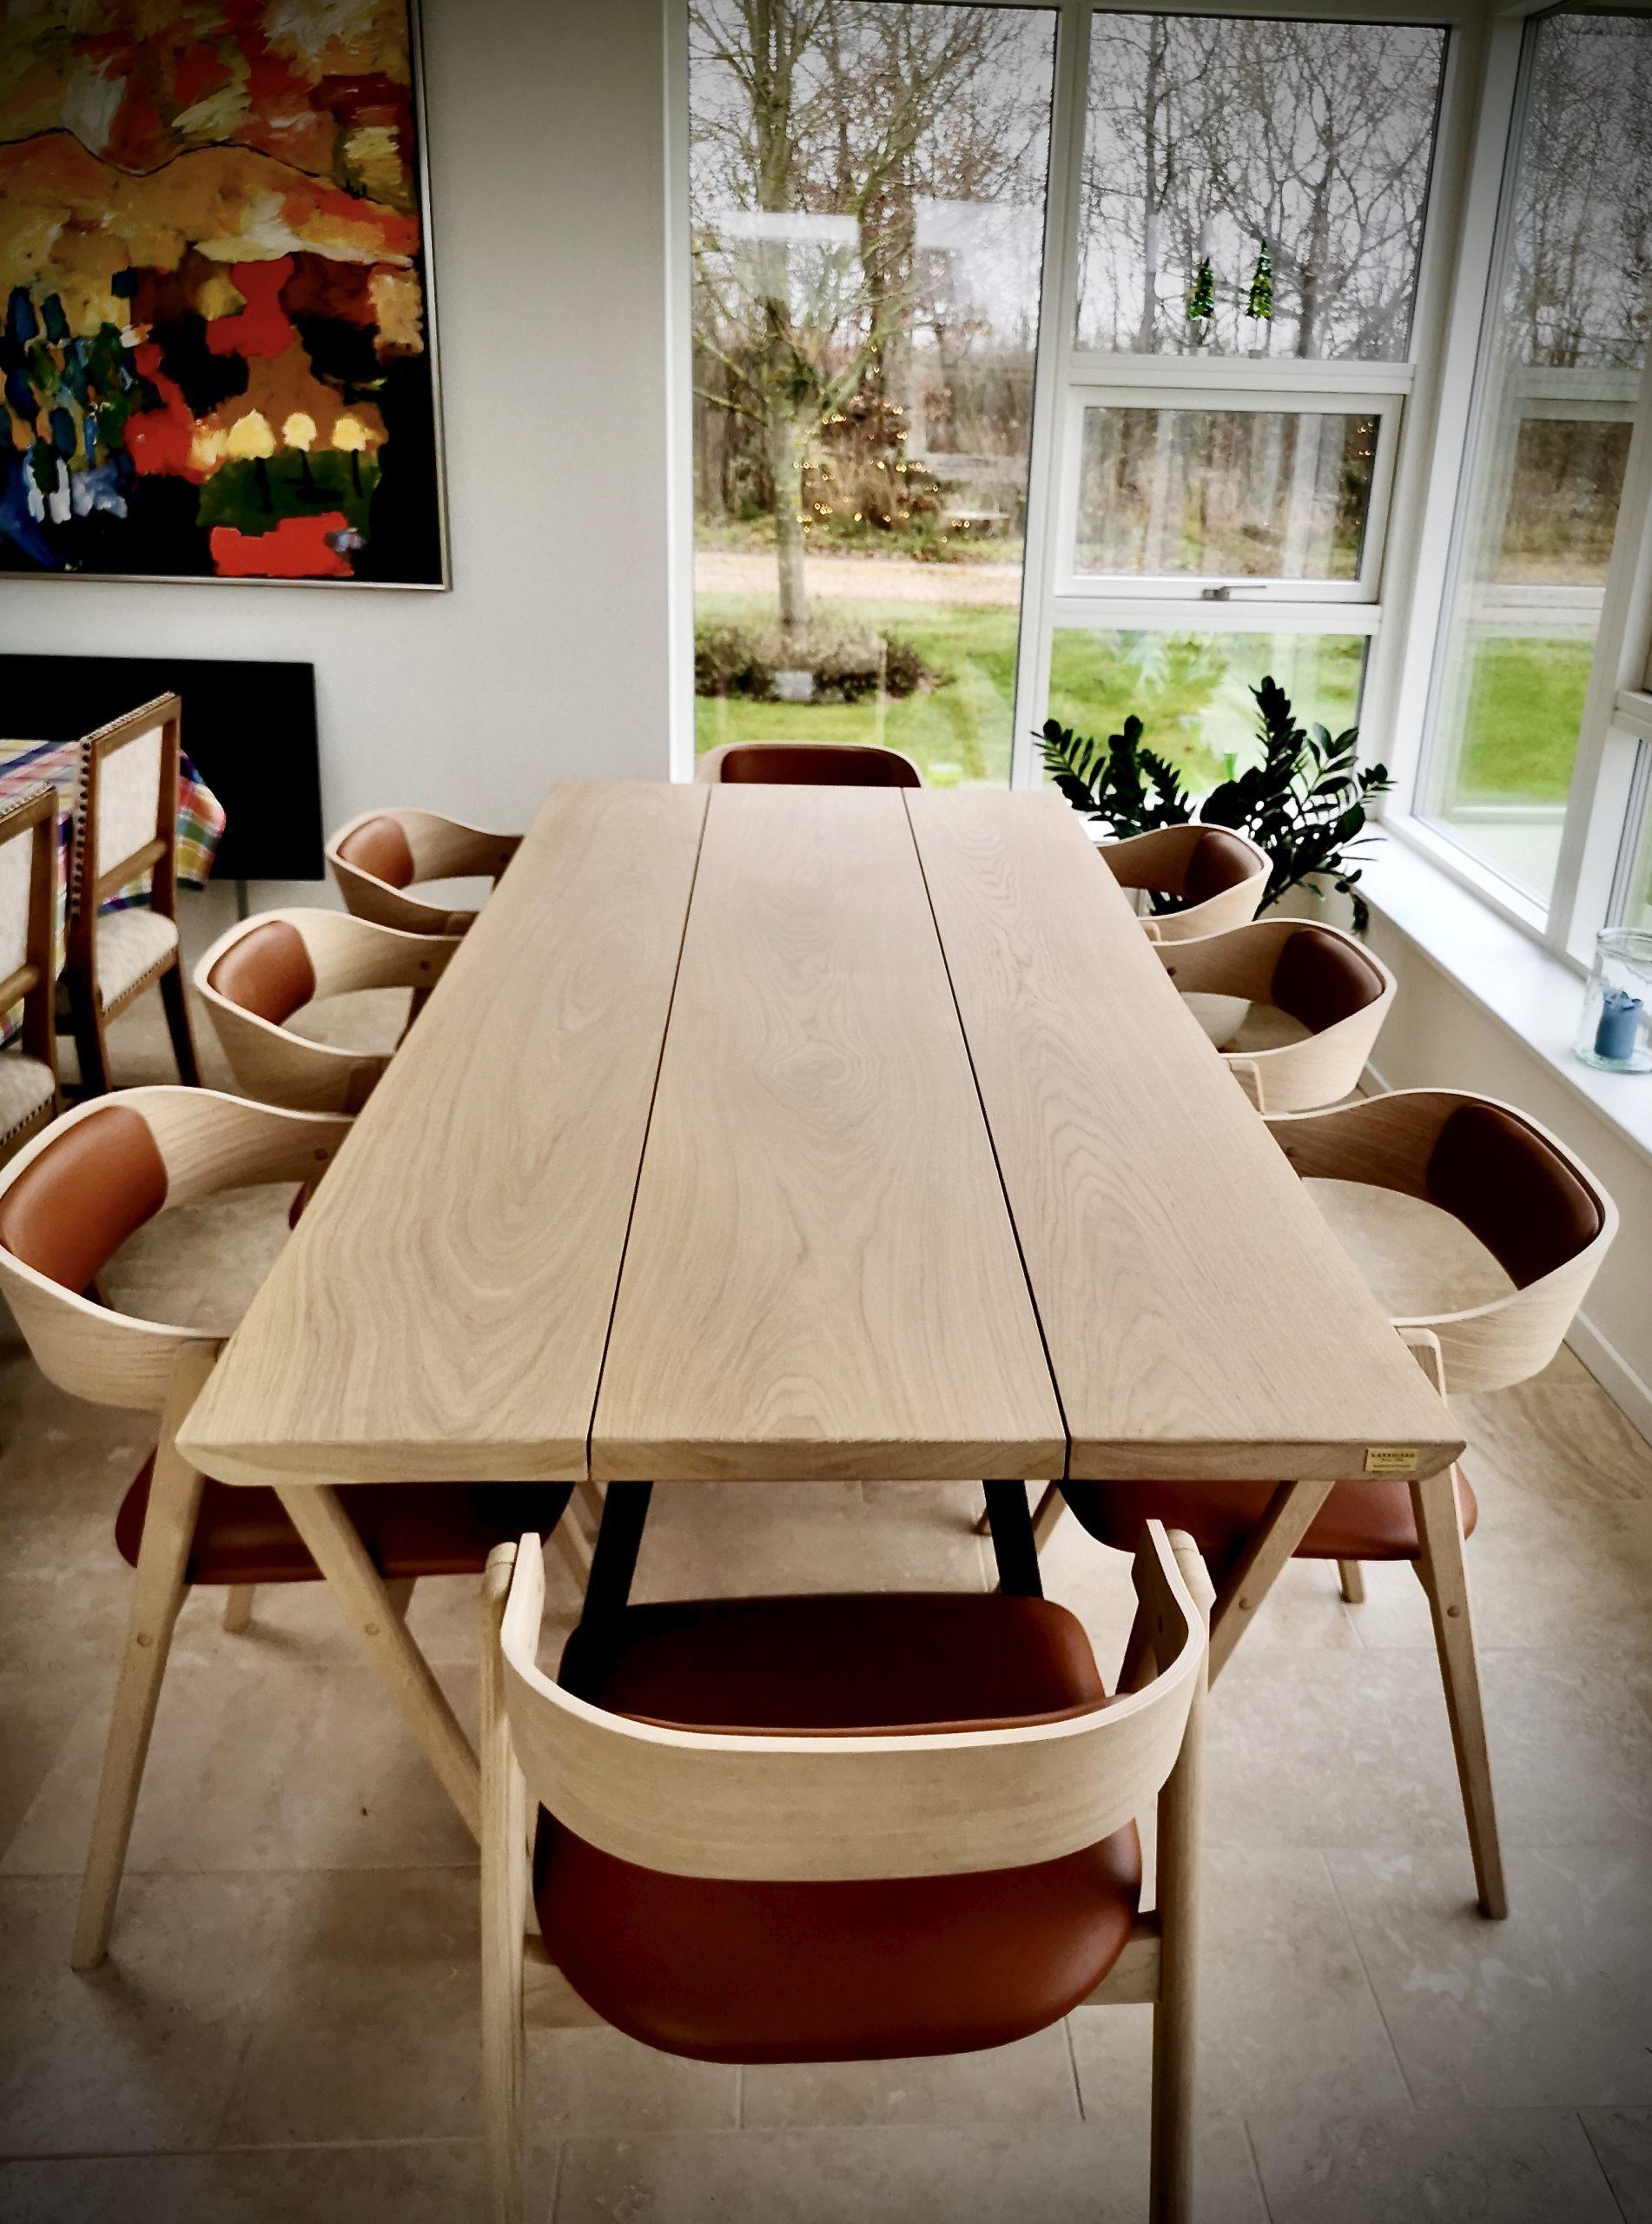 forside plankebord kaerbygaard 2021 scaled